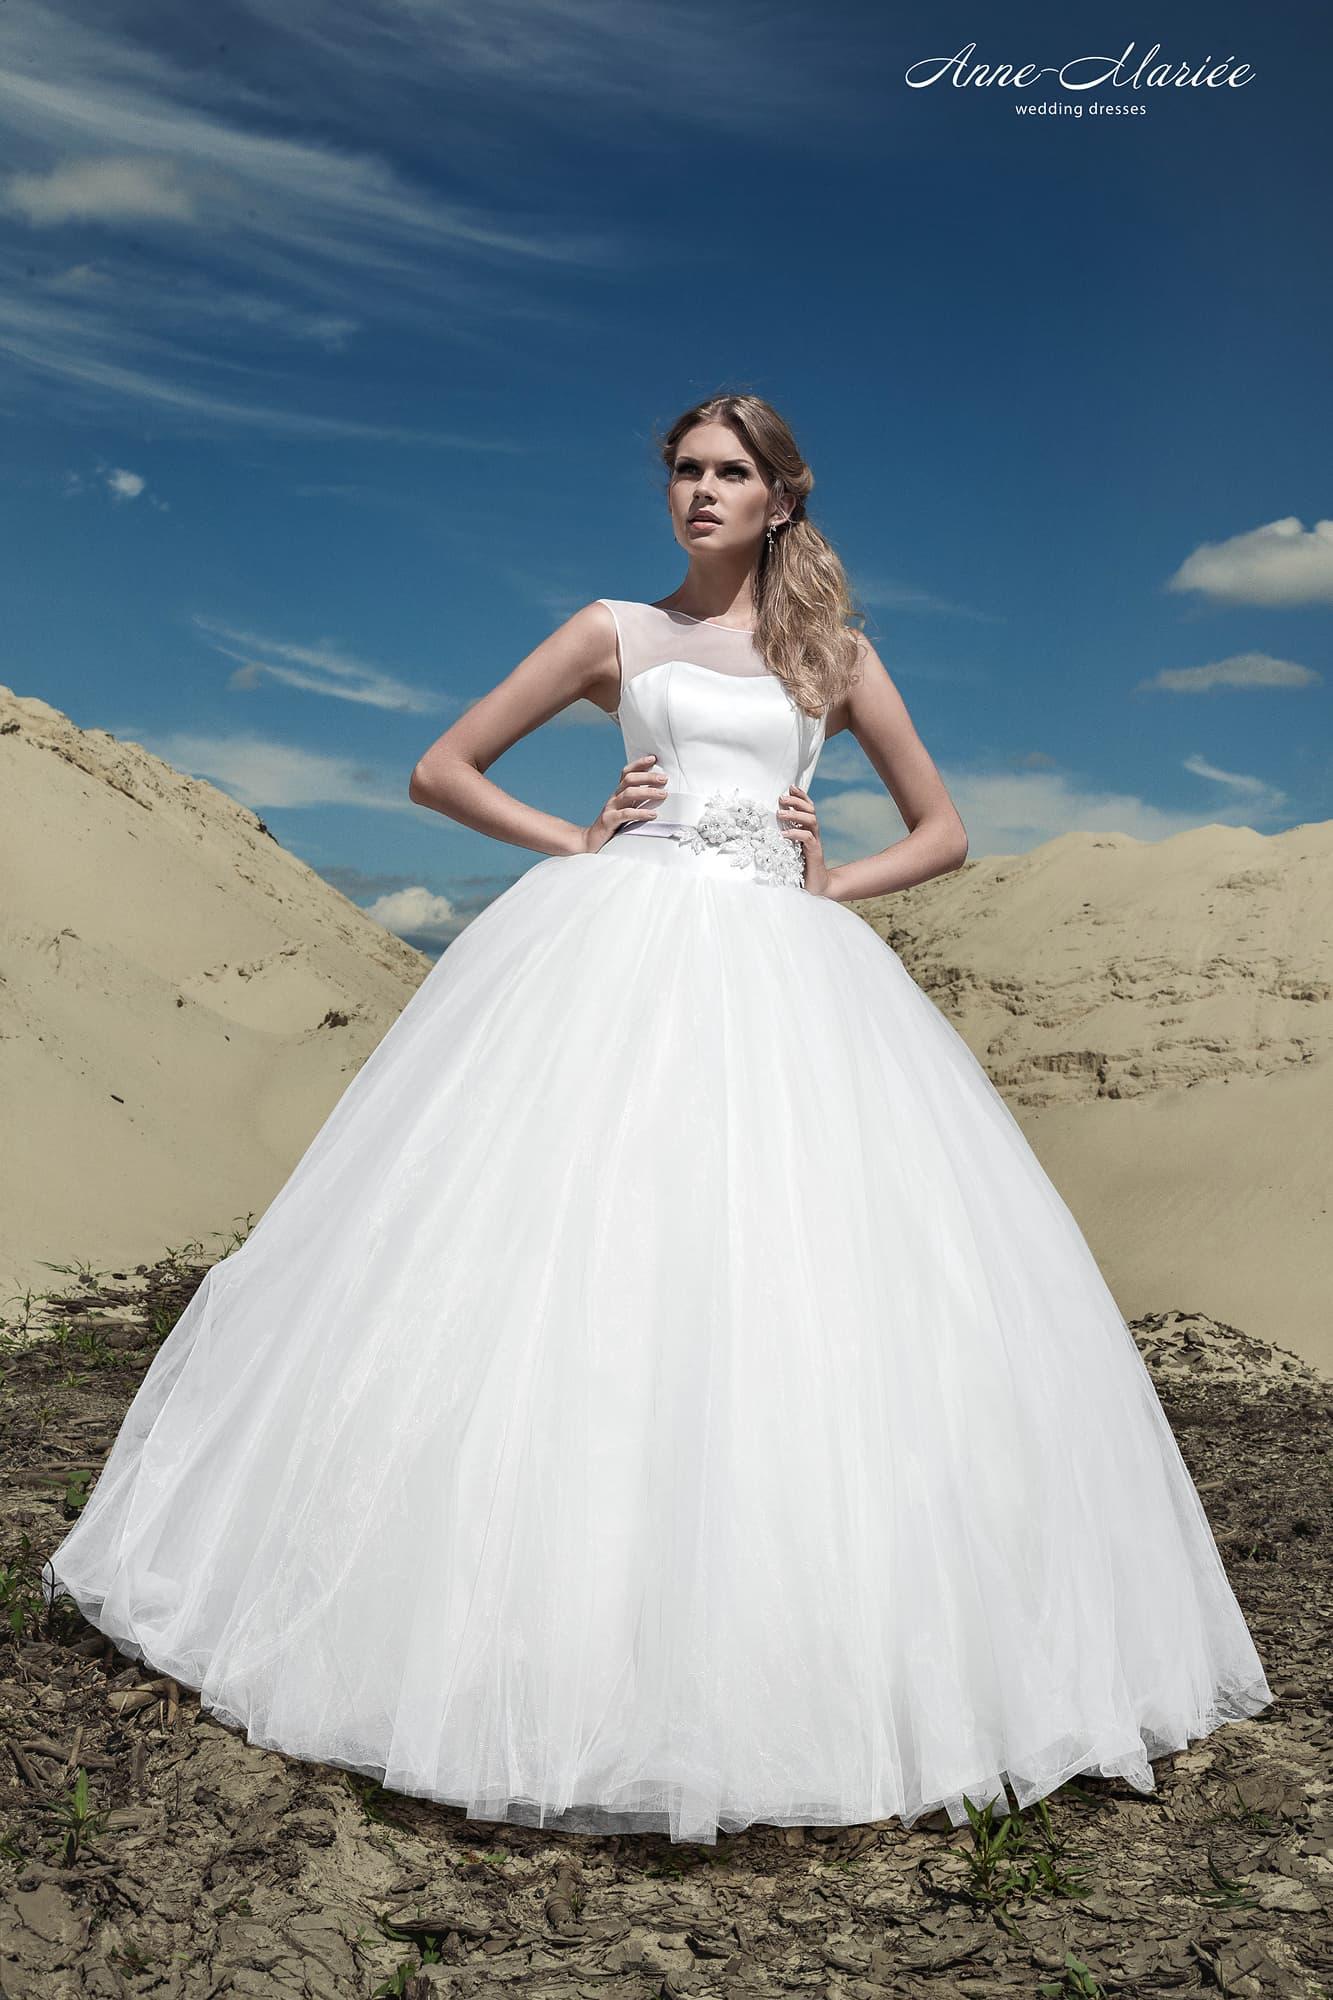 7320caf2da7 Лаконичное свадебное платье пышного силуэта с небольшим вырезом на спинке.